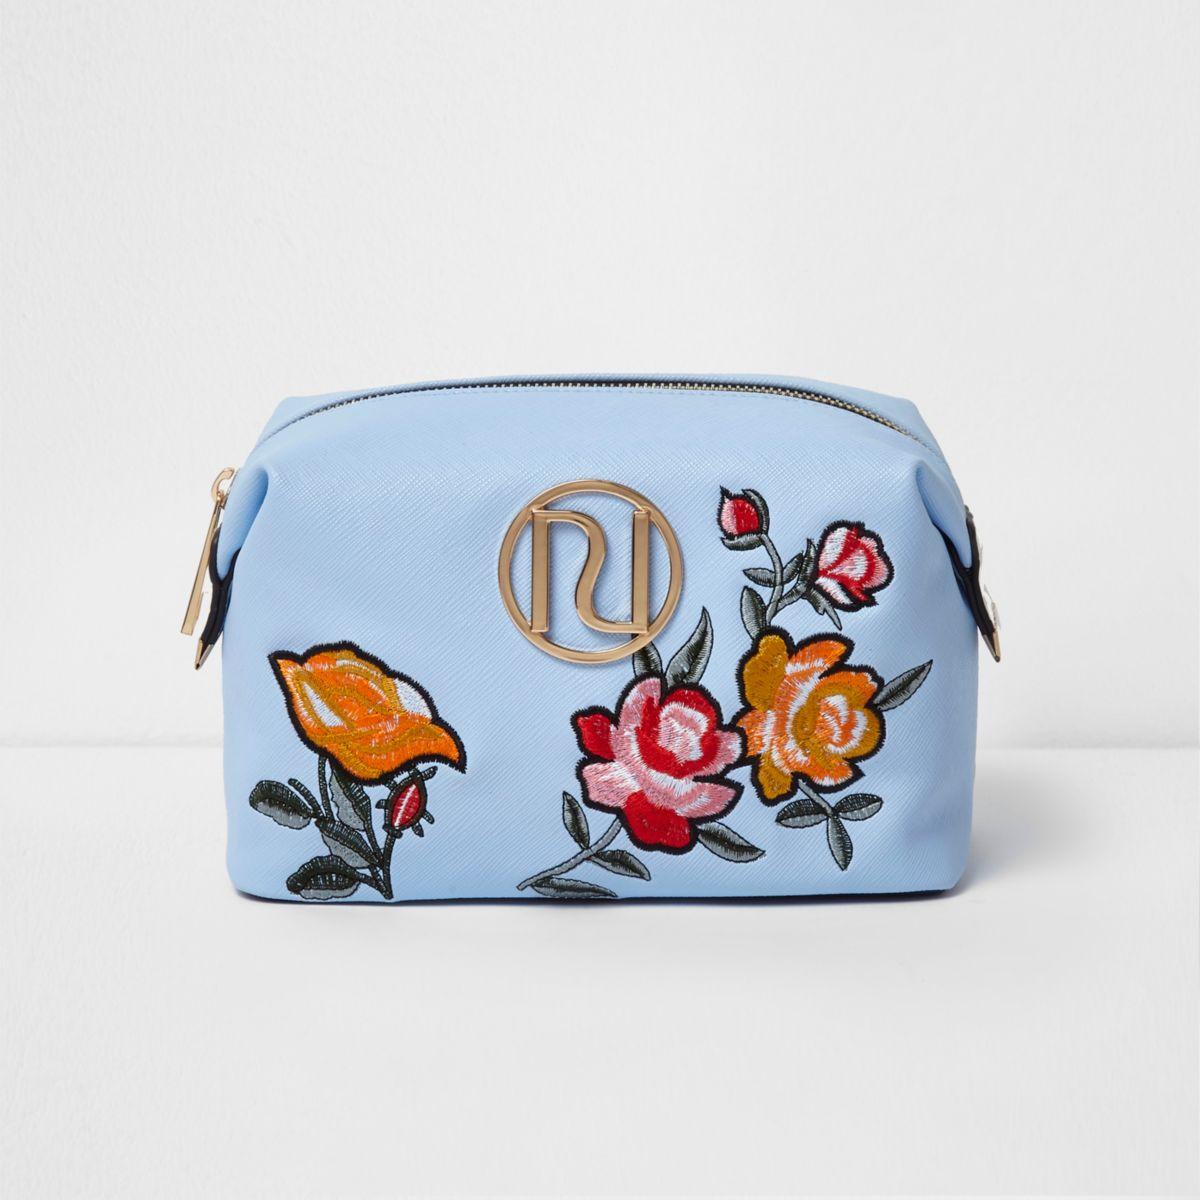 Blue floral embroidered make-up bag